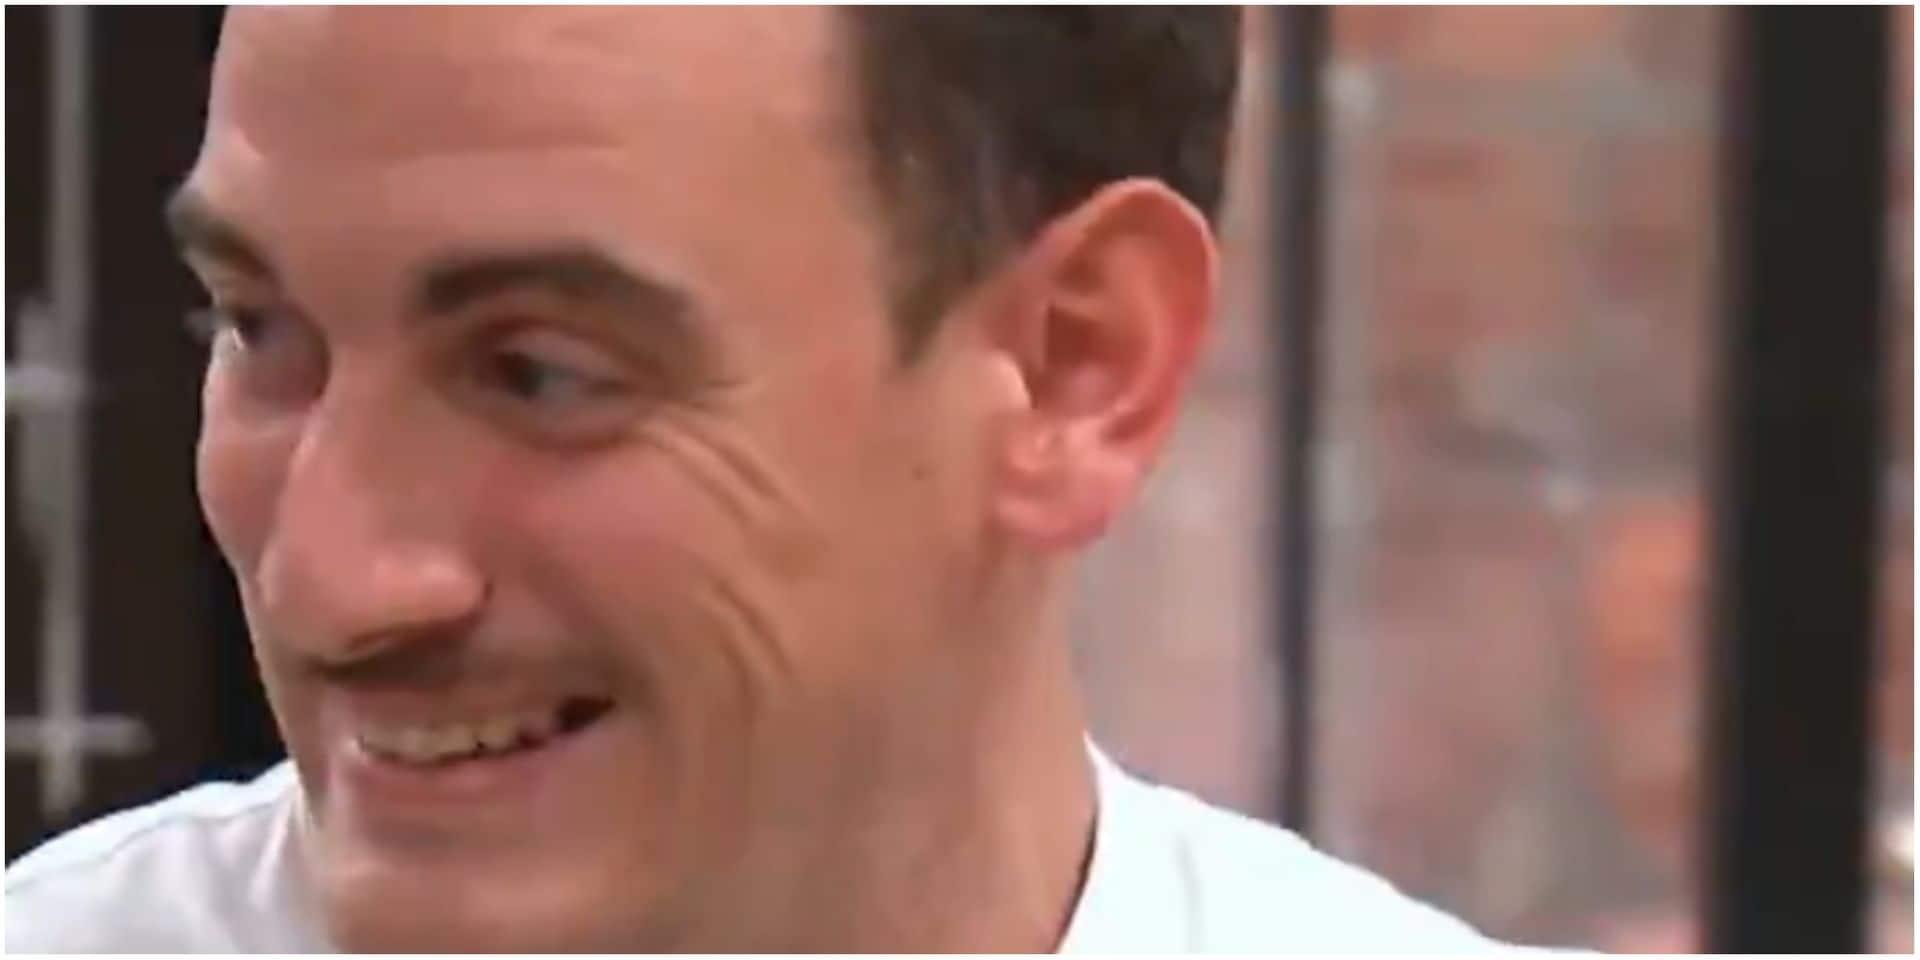 Un candidat de Top Chef surprend le jury avec un dessert... peu ragoûtant